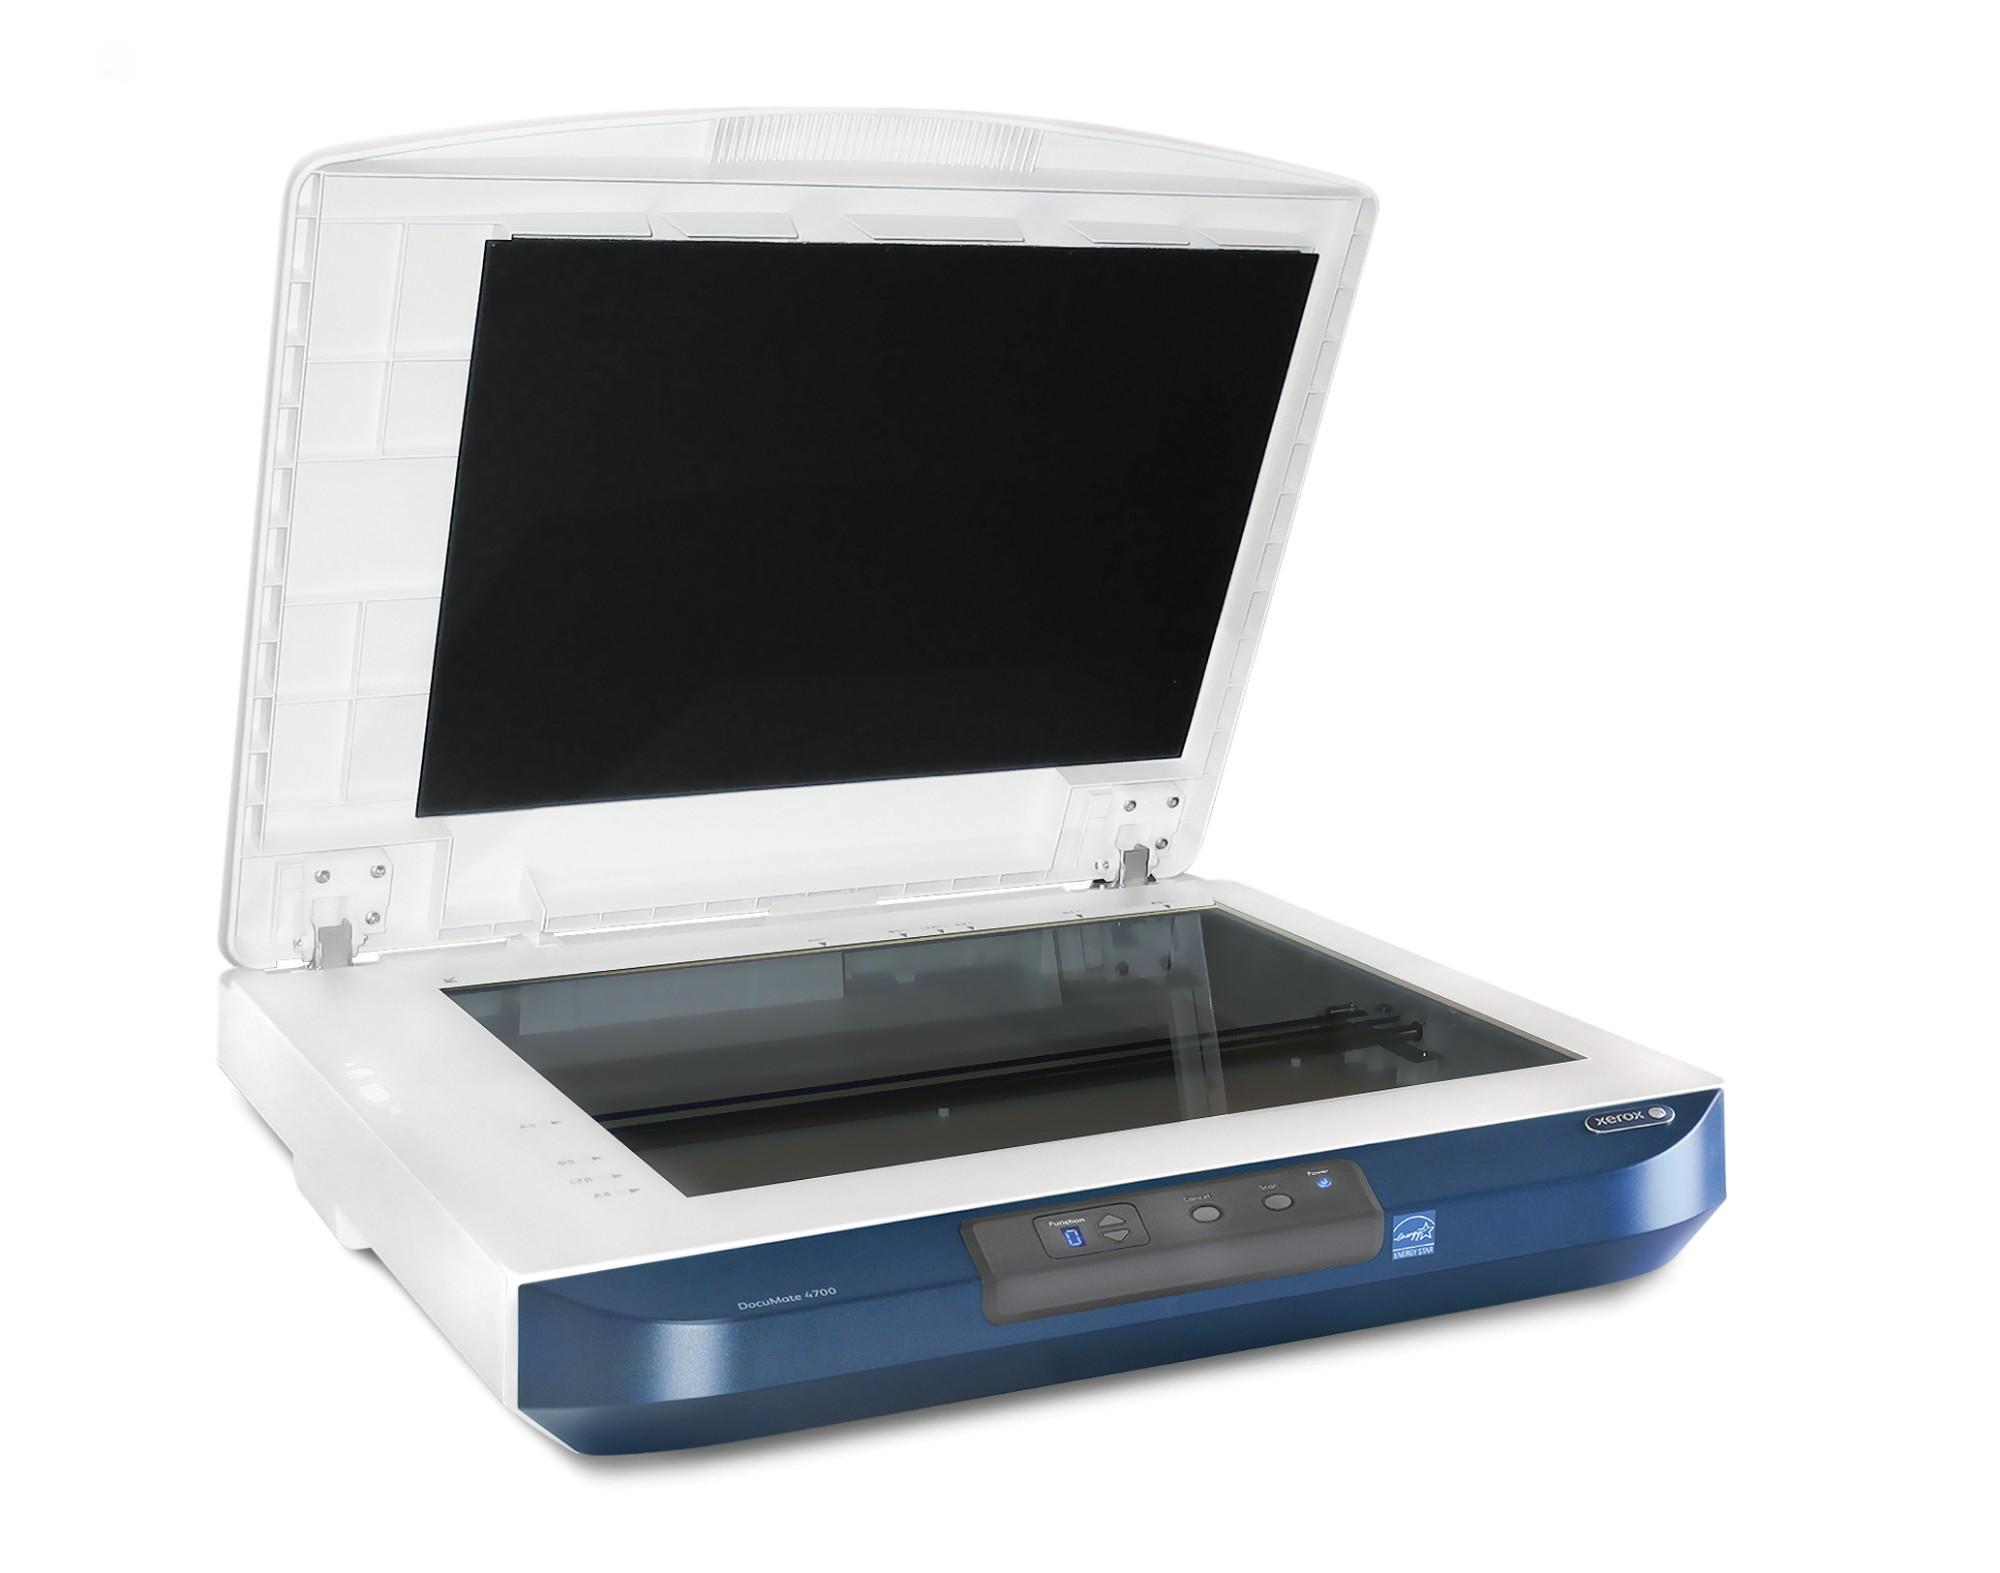 Xerox DocuMate 4700 Flatbed scanner 600 x 600DPI A3 Blue,White